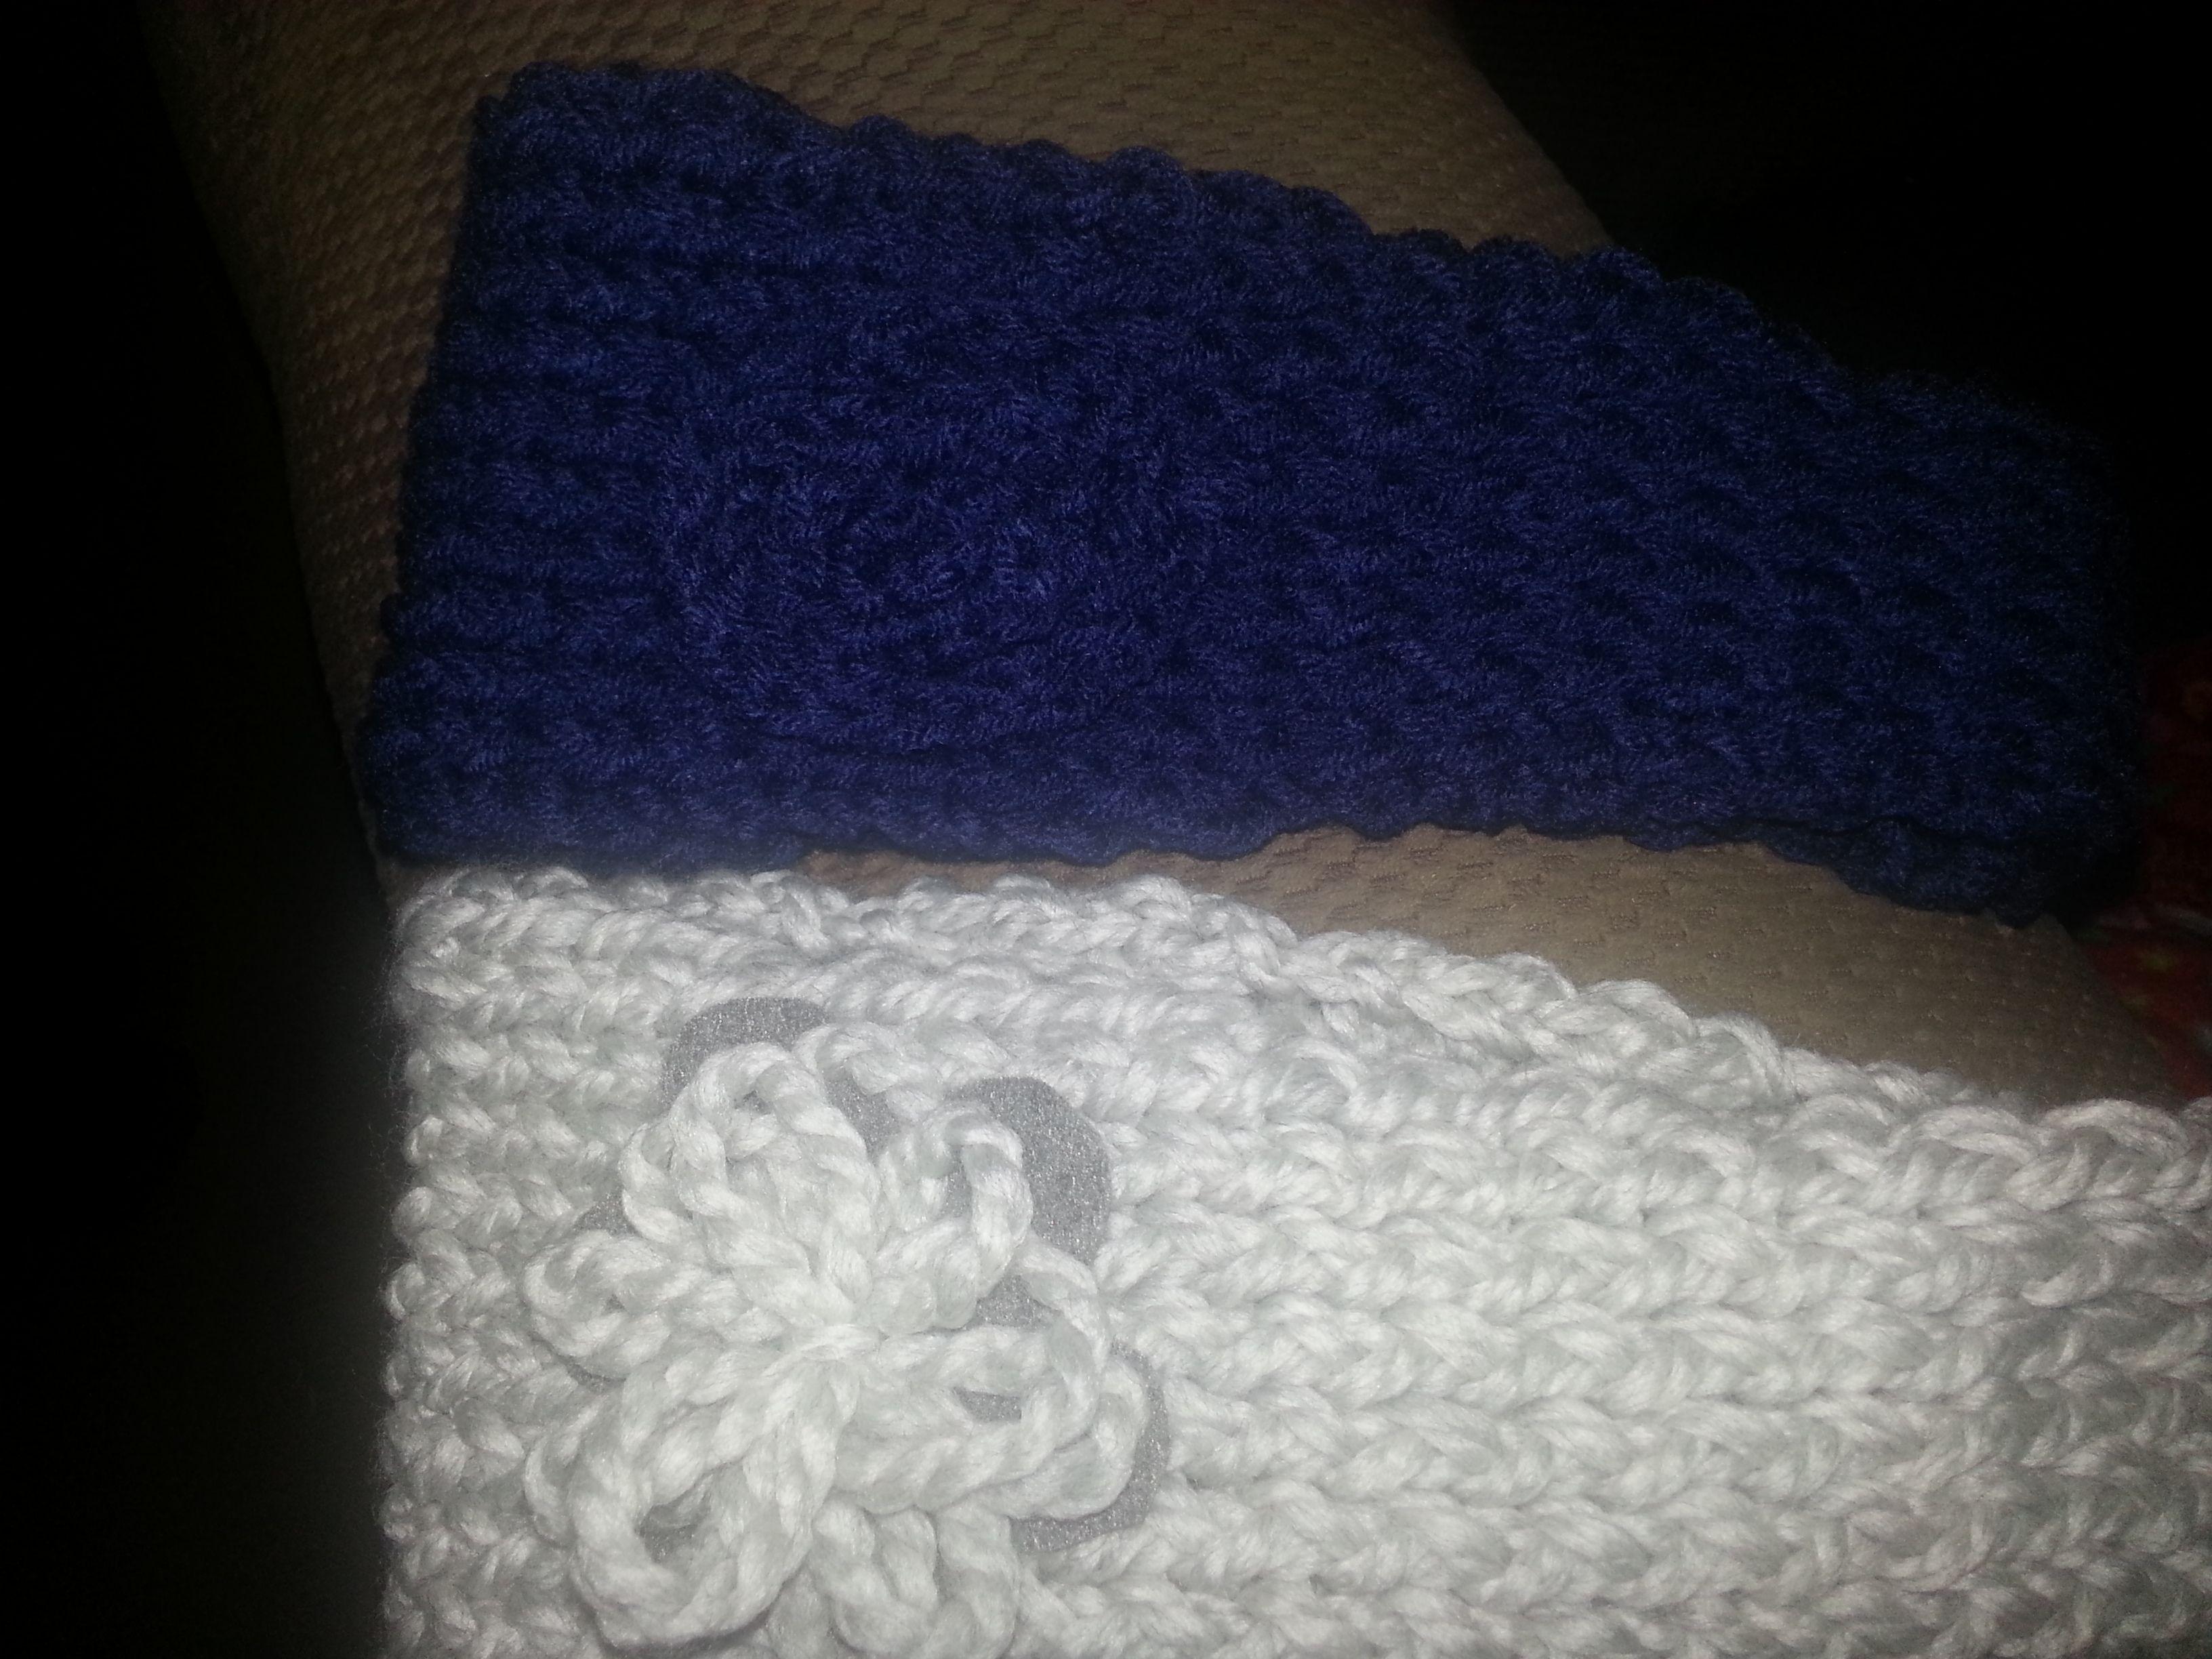 Ear Warmer Loom Knitting Pattern : Ear warmers make on knitting loom. Creations Pinterest Ear warmers, Loo...